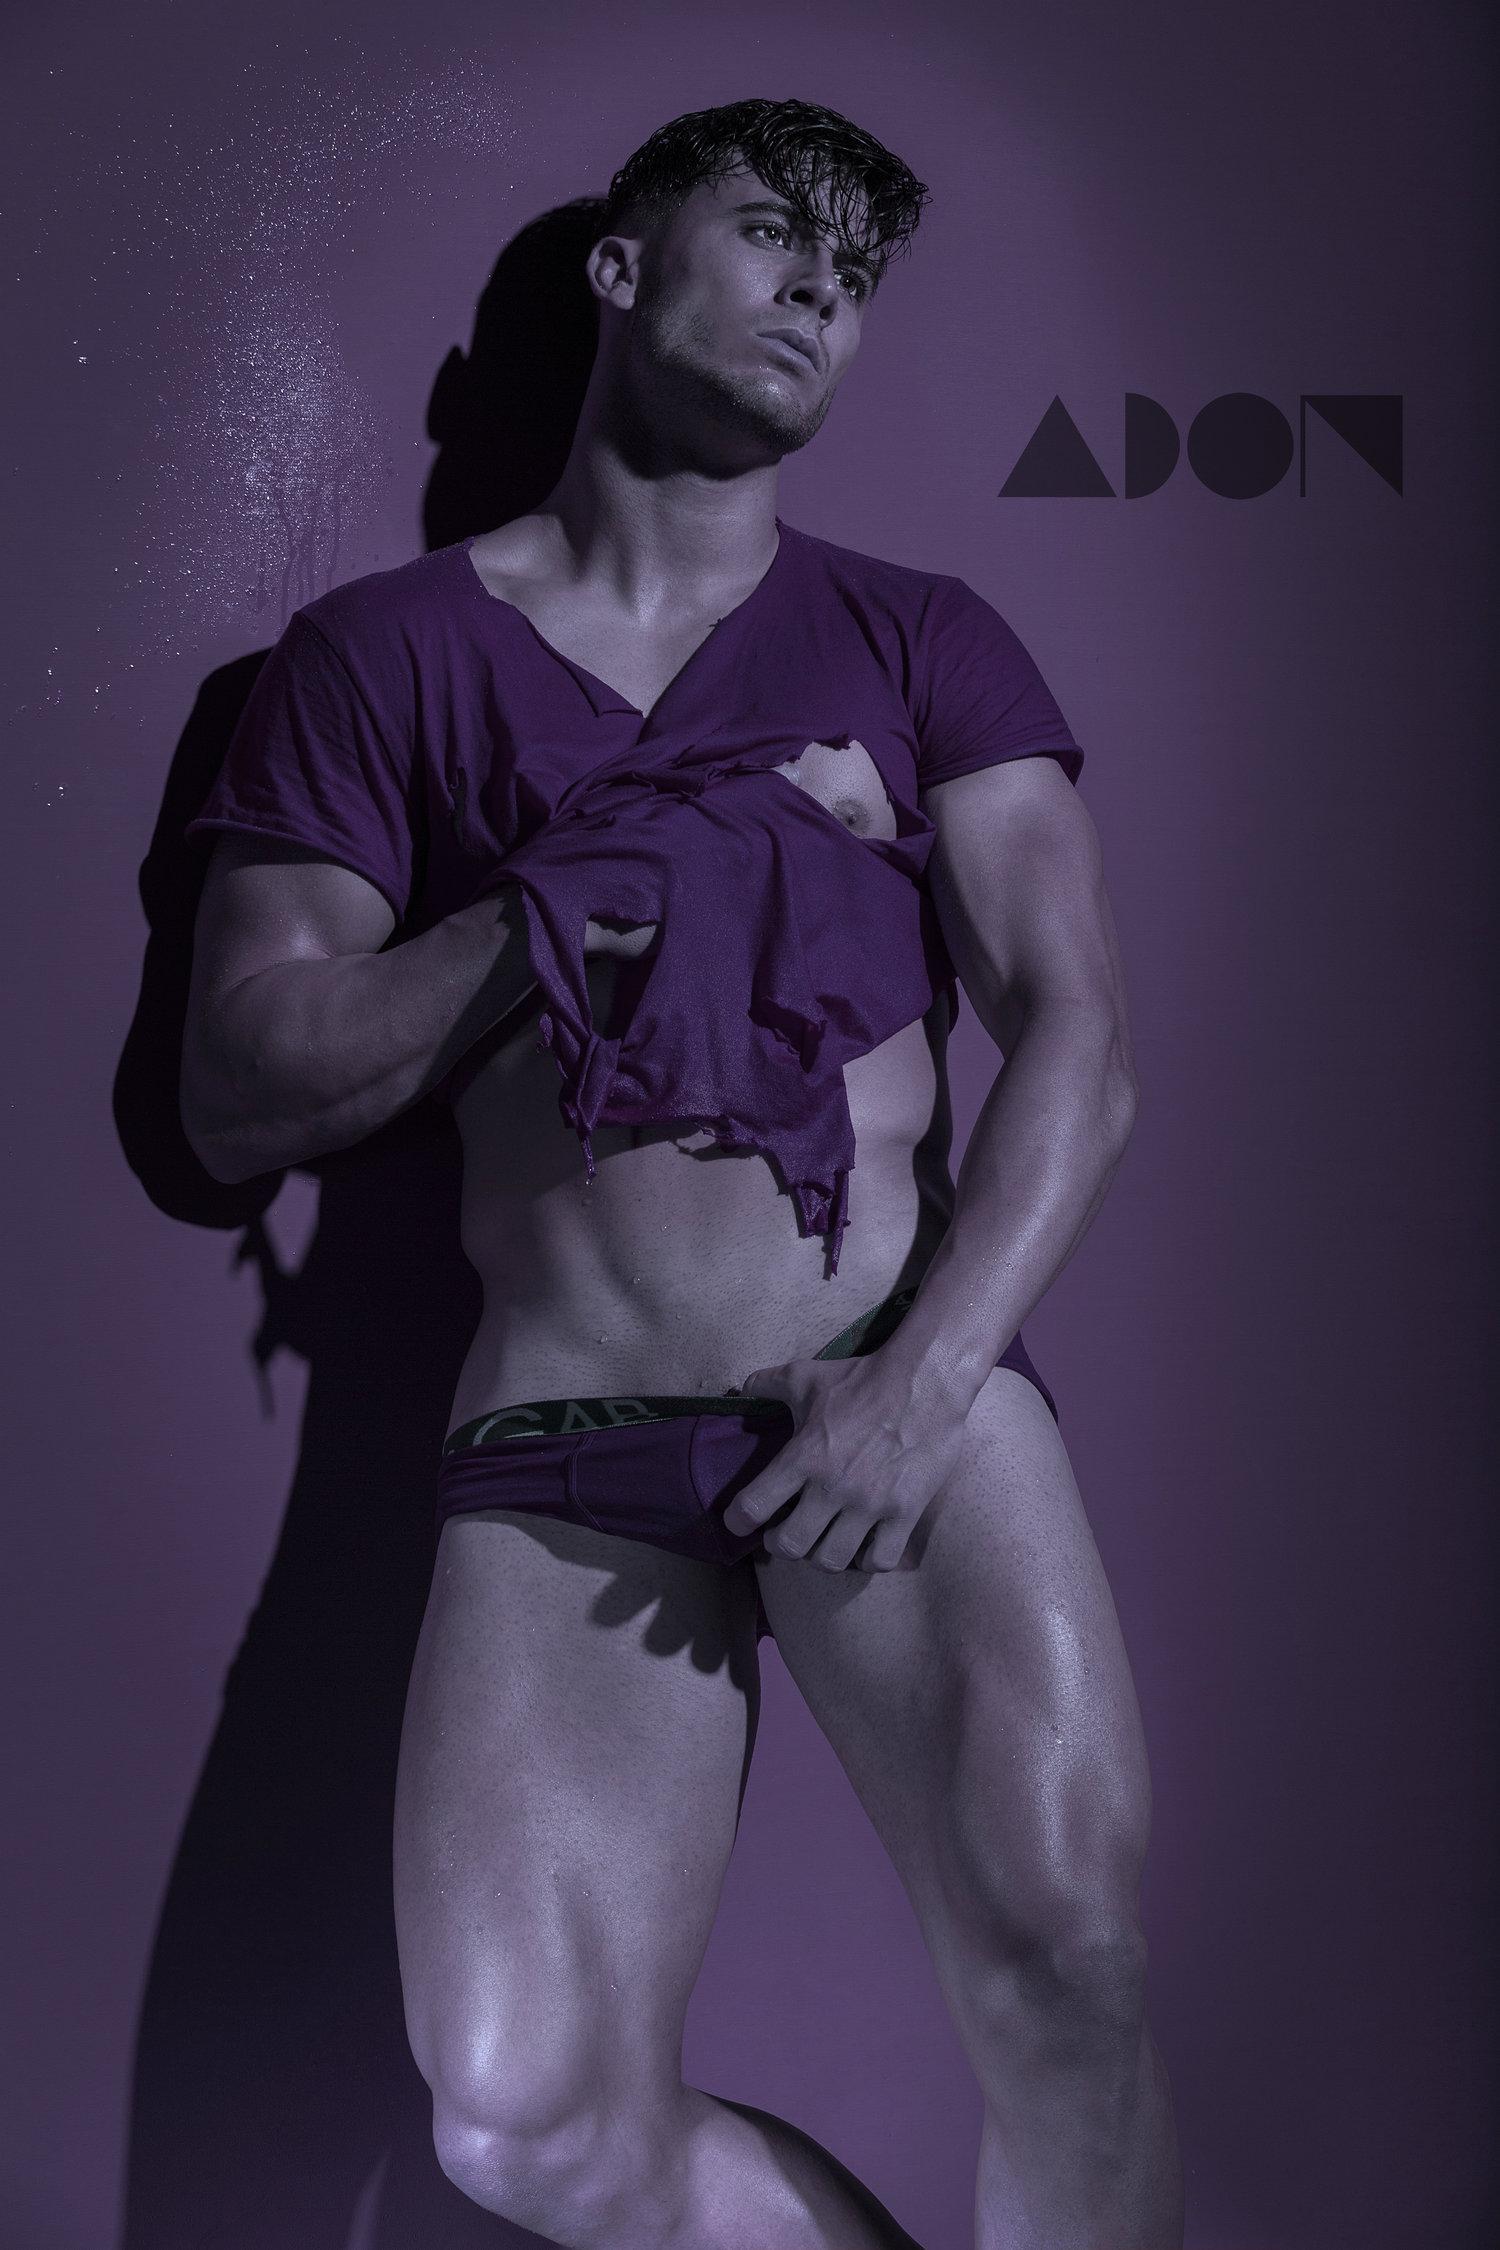 Adon Exclusive: Model Alberto Mancha By Andres Moca